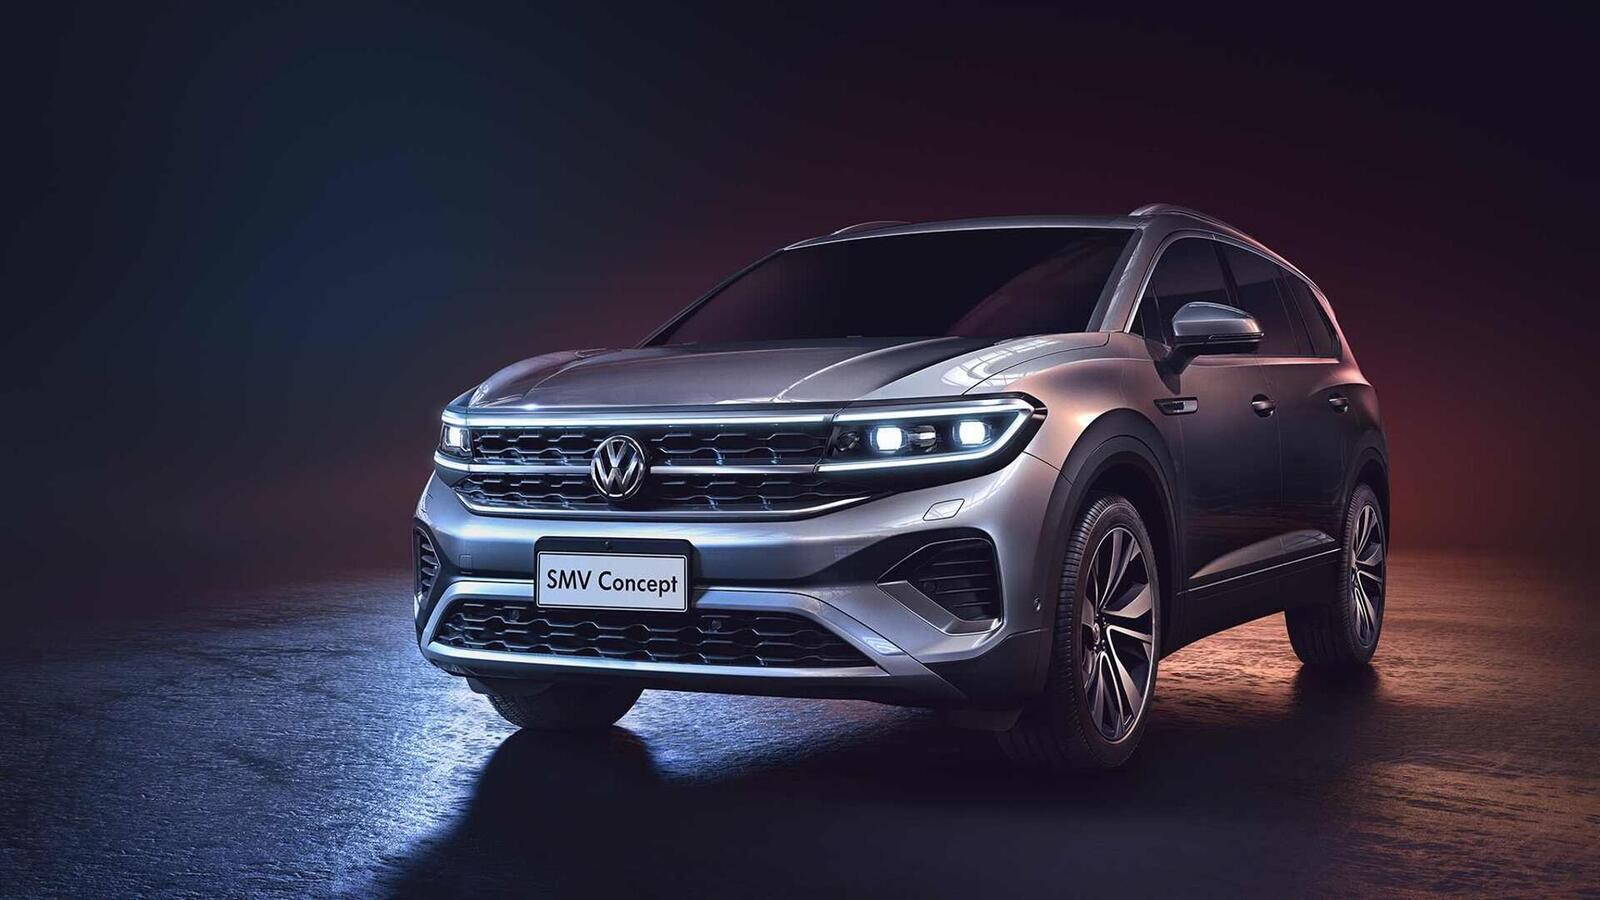 Volkswagen giới thiệu SUV SMV Concept hoàn toàn mới: Dài hơn 5m và lớn hơn cả Touareg - Hình 1